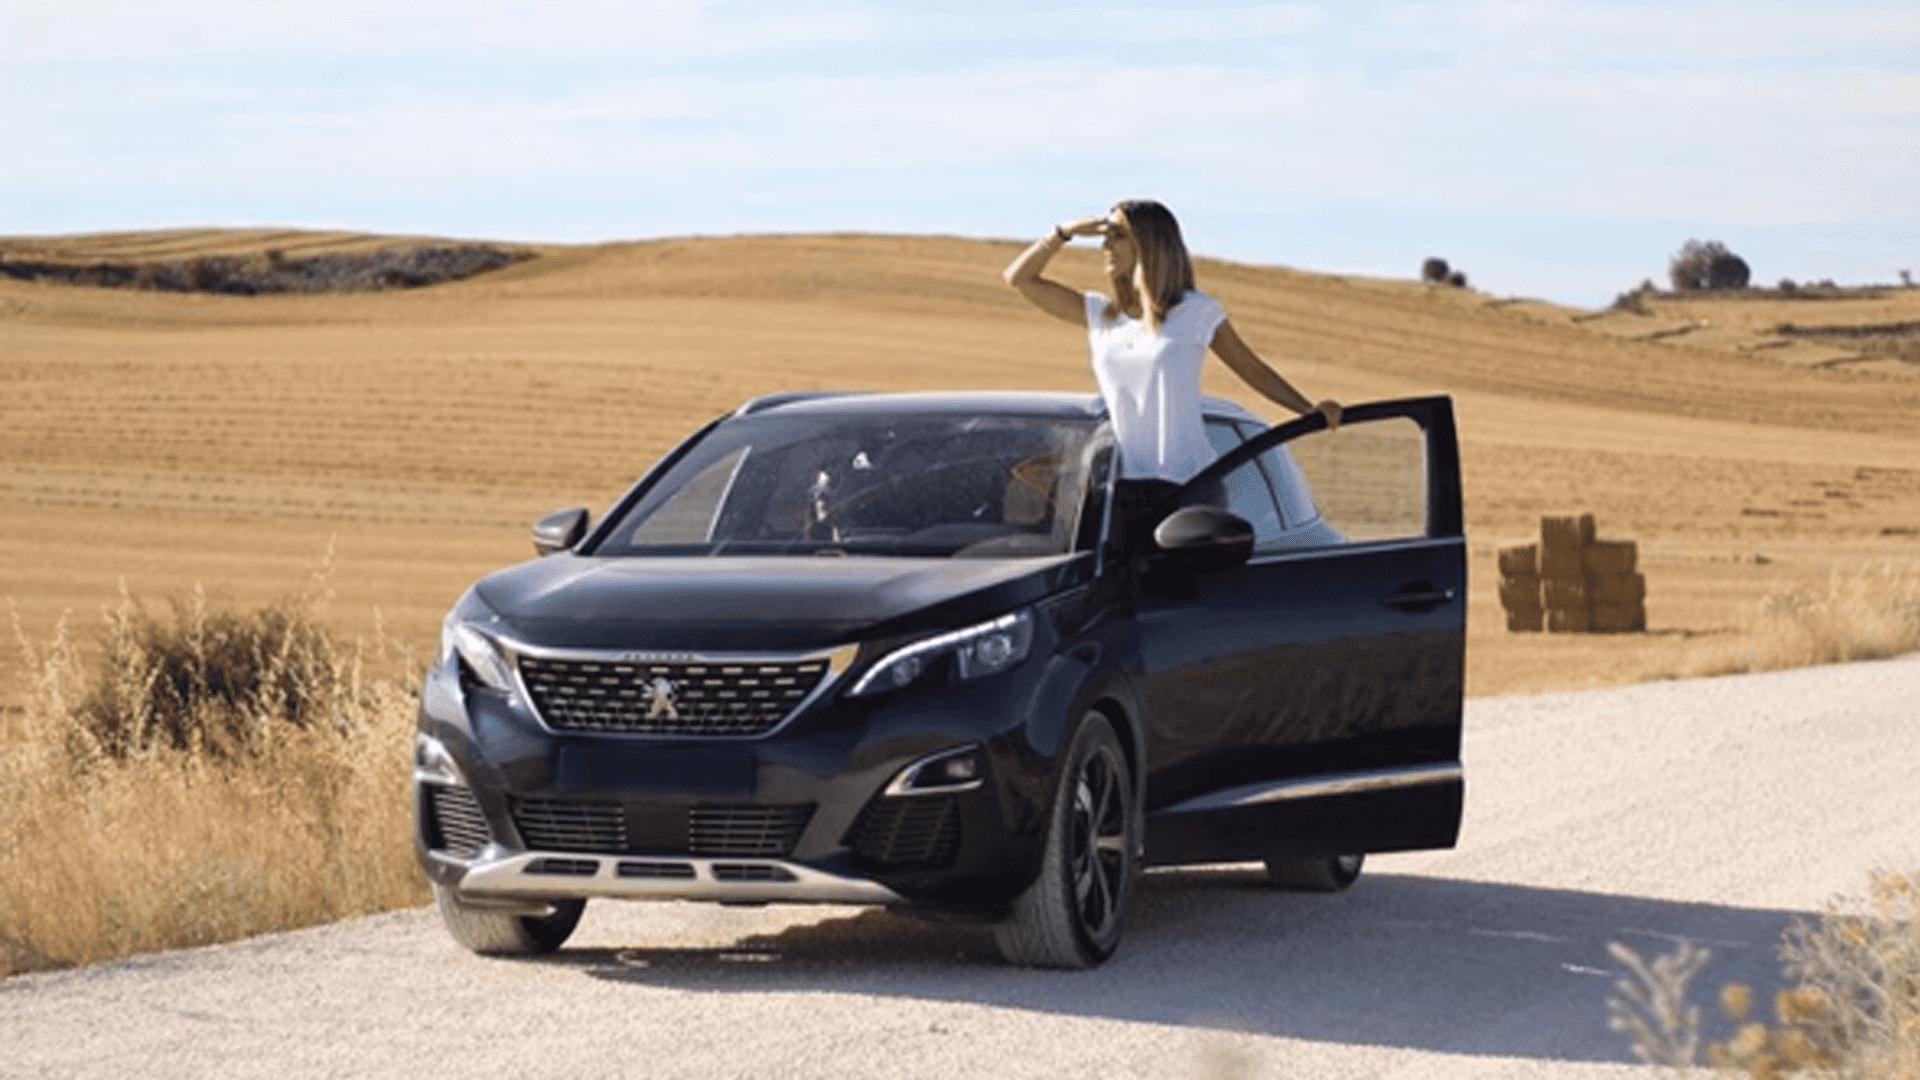 El Peugeot 3008, elegido Women's World Car of the Year en la categoría SUV